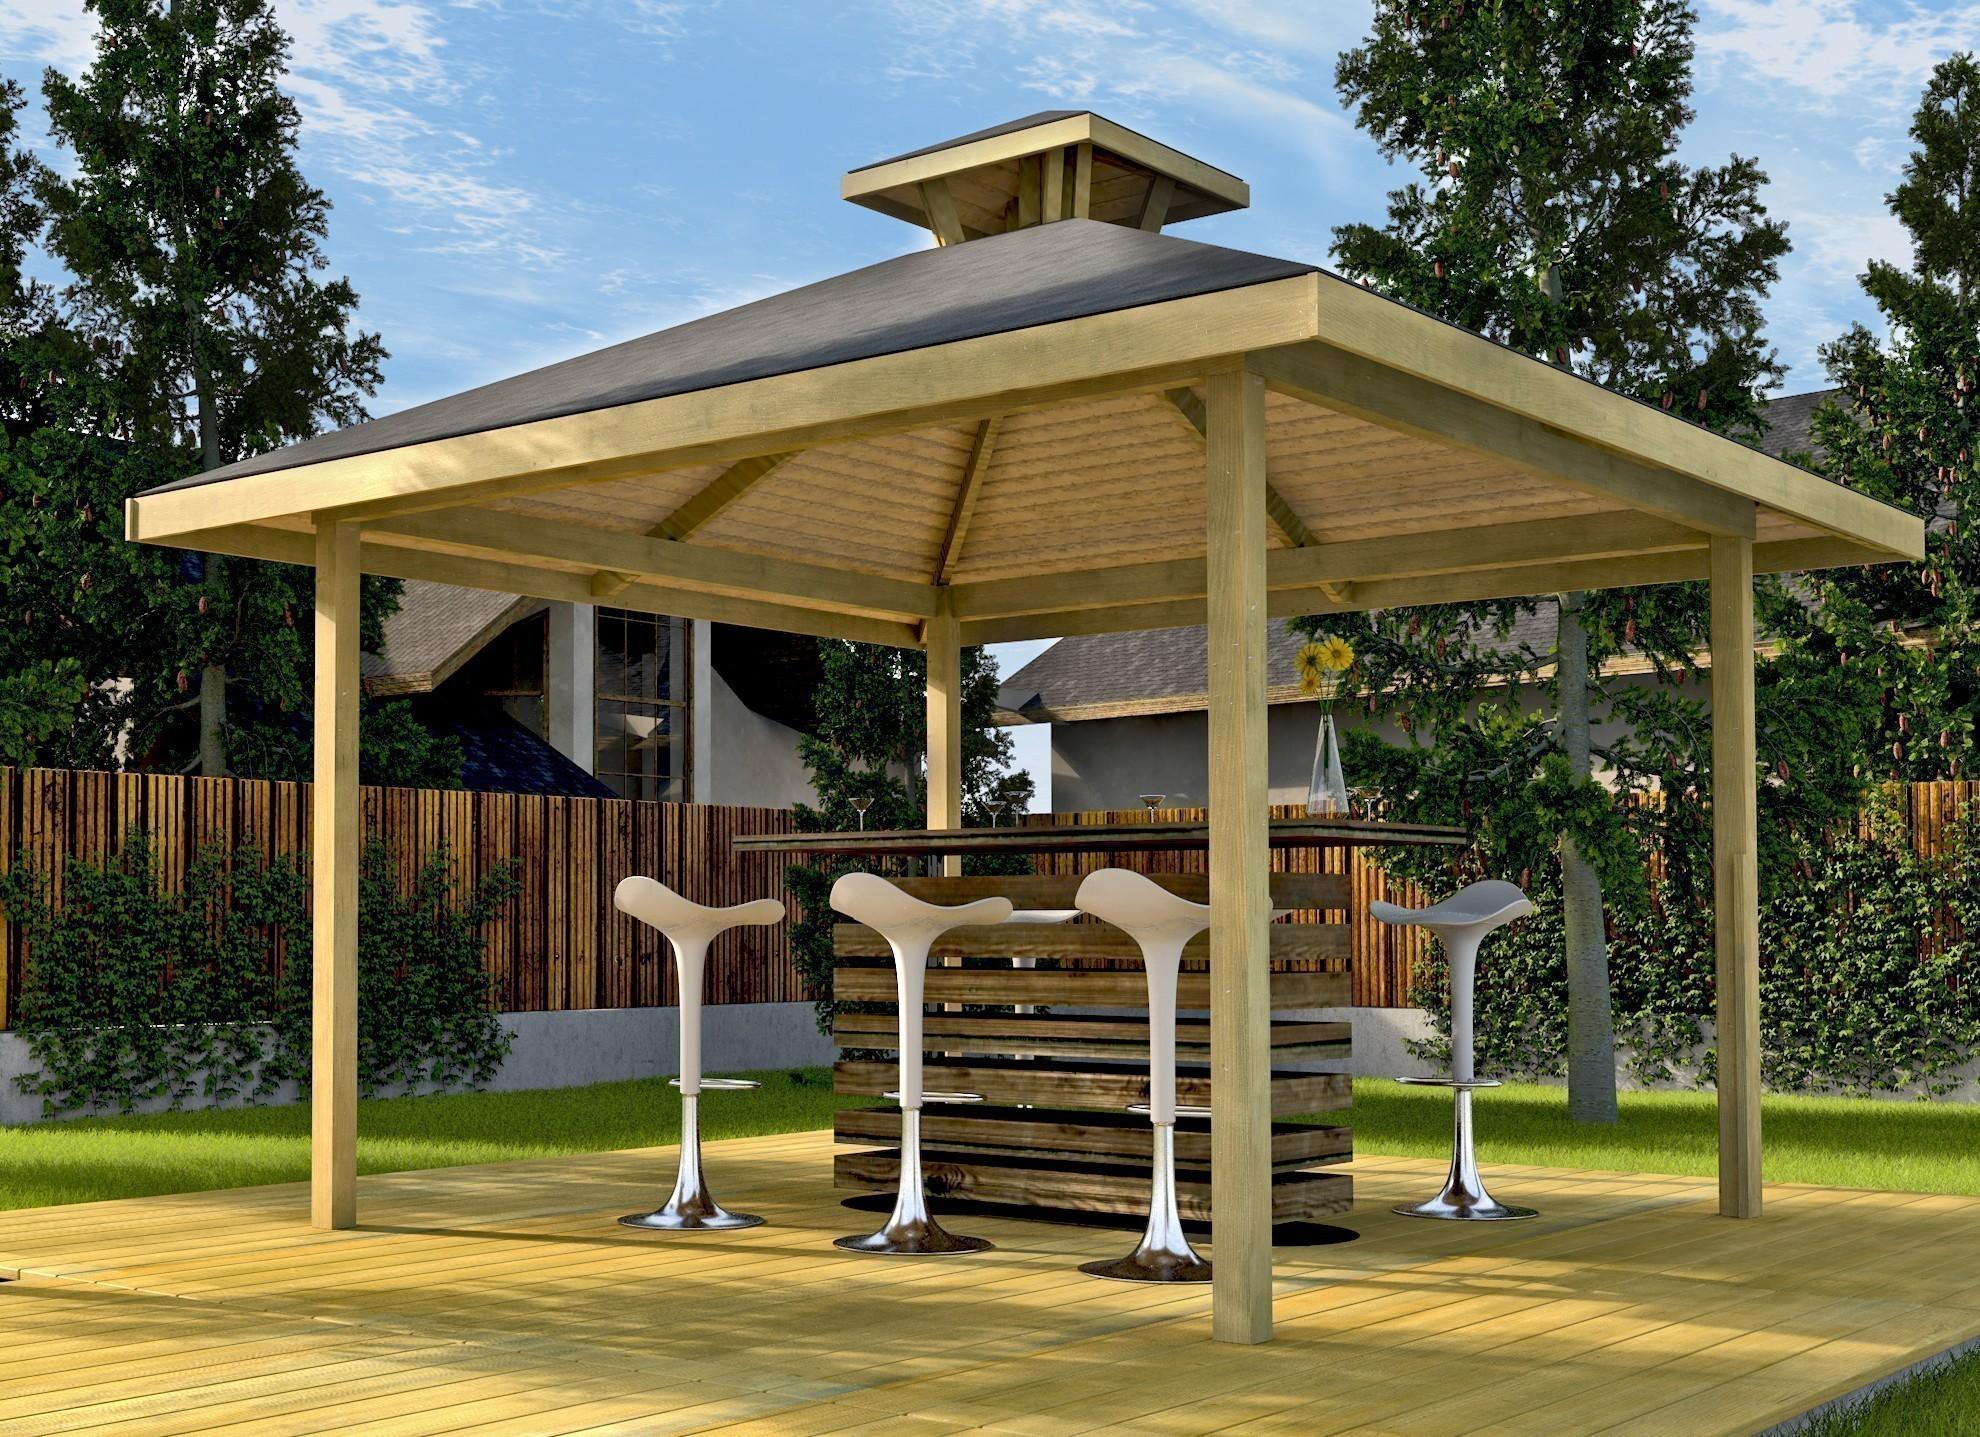 Weka Holzpavillon Gartenoase 651 Gr.3 mit Dachaufsatz kdi 380x380cm Bild 2